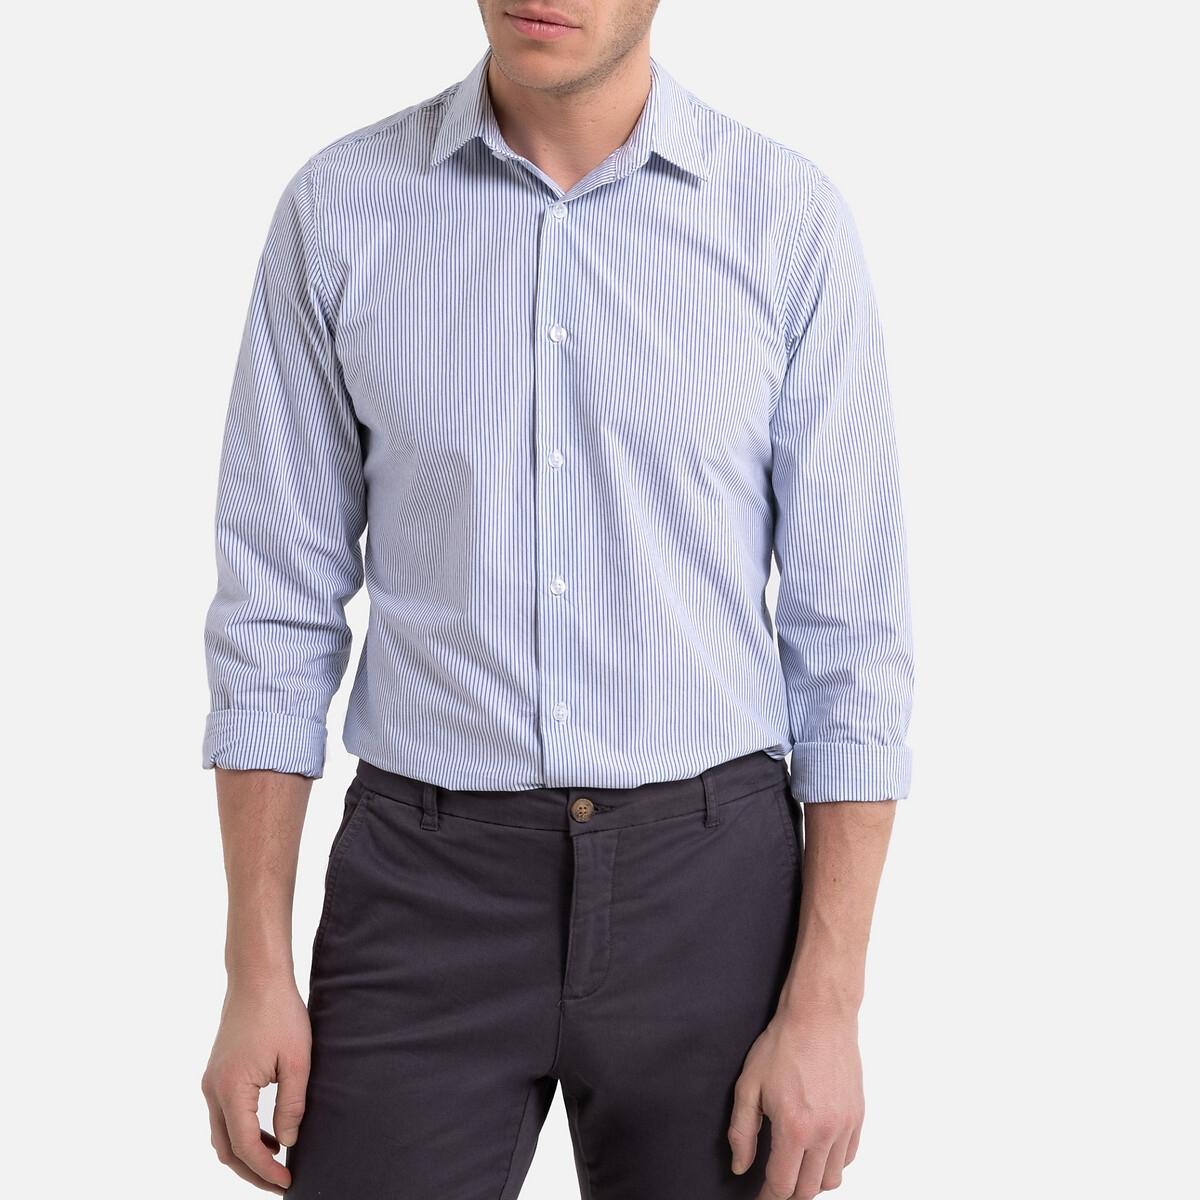 Рубашка La Redoute Узкого покроя в полоску с длинными рукавами 45/46 белый рубашка la redoute прямого покроя в клетку с длинными рукавами 45 46 серый